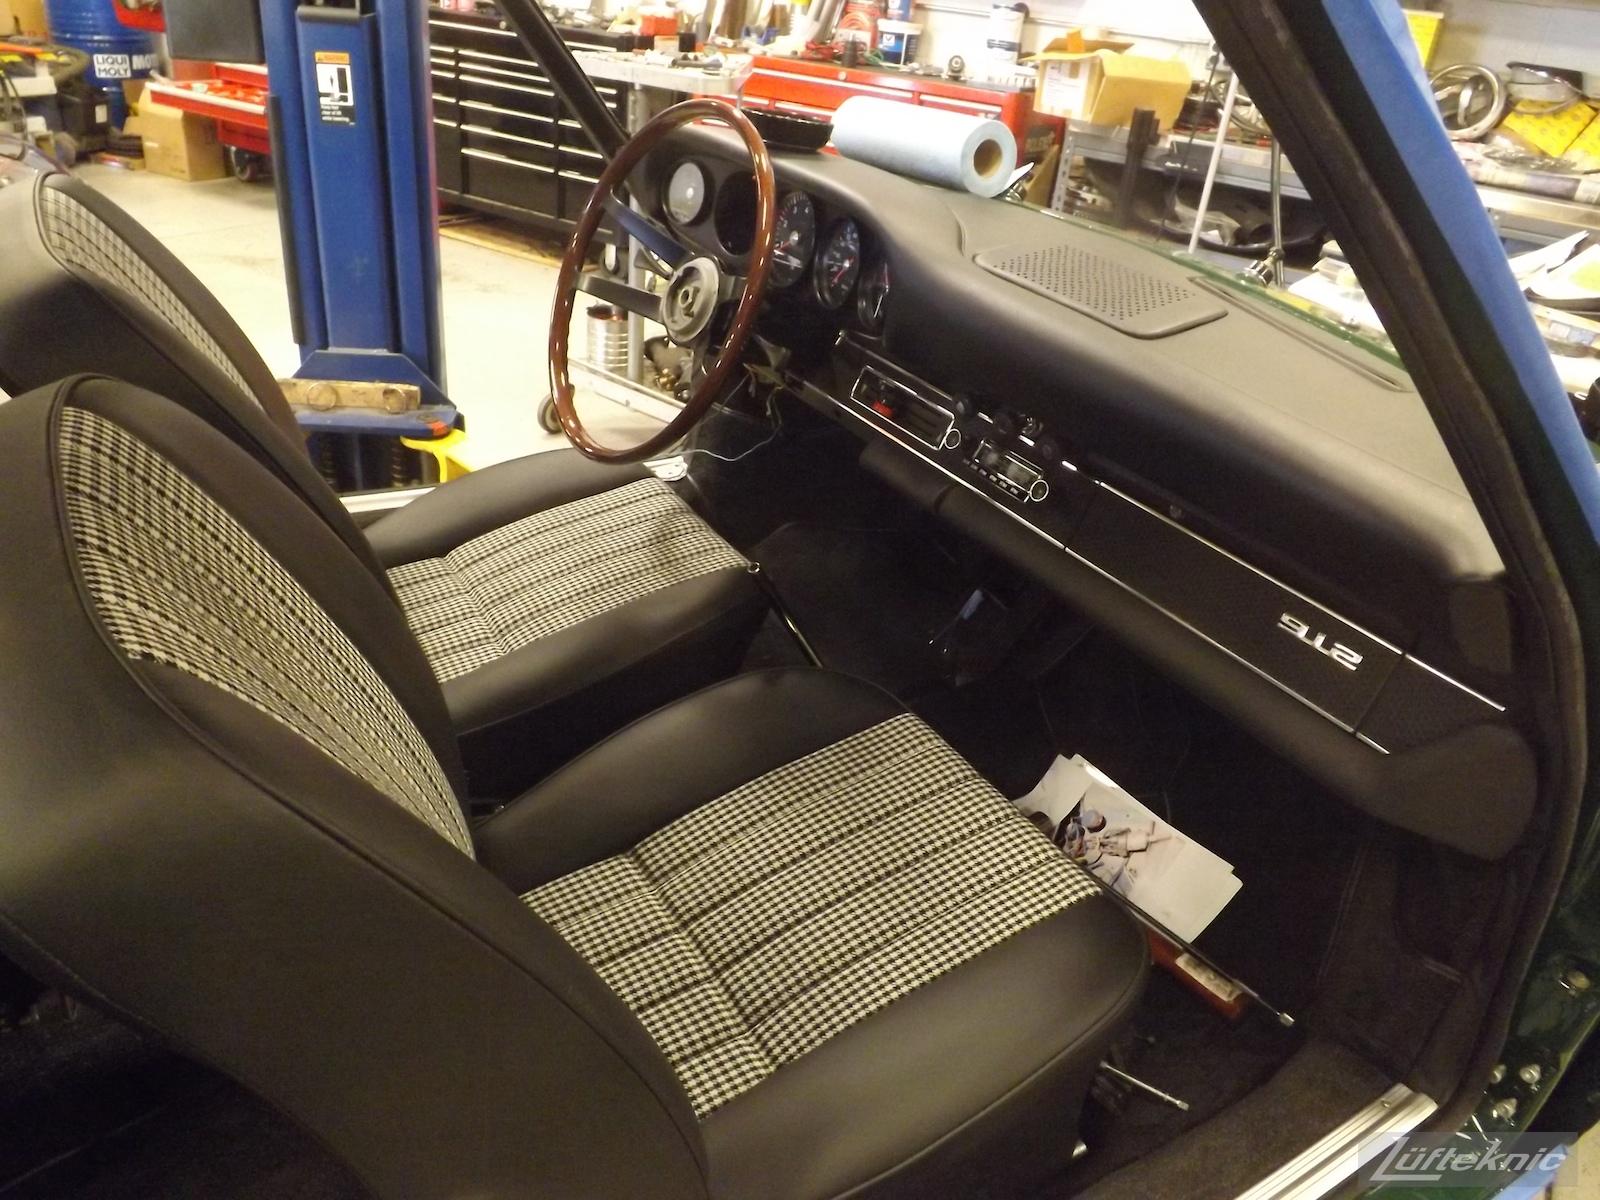 Fresh seats, dashboard and wood rim steering wheel installed in an Irish Green Porsche 912 undergoing restoration at Lufteknic.